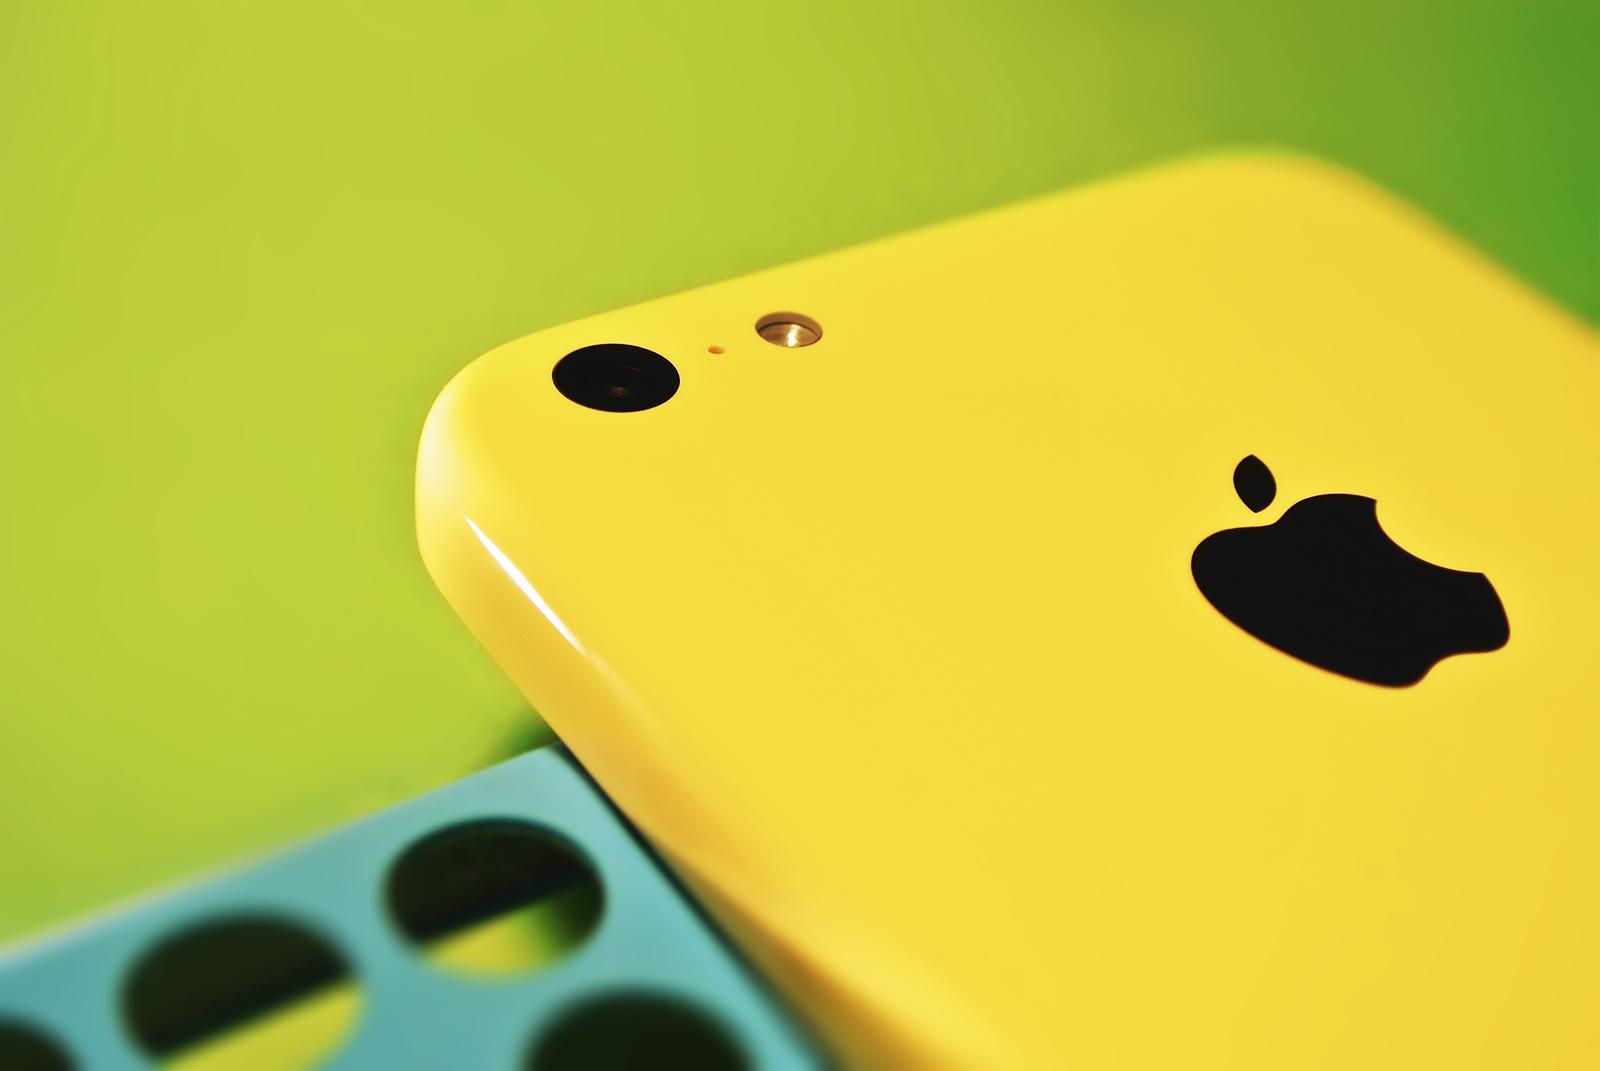 iPhone 5C - David Blum